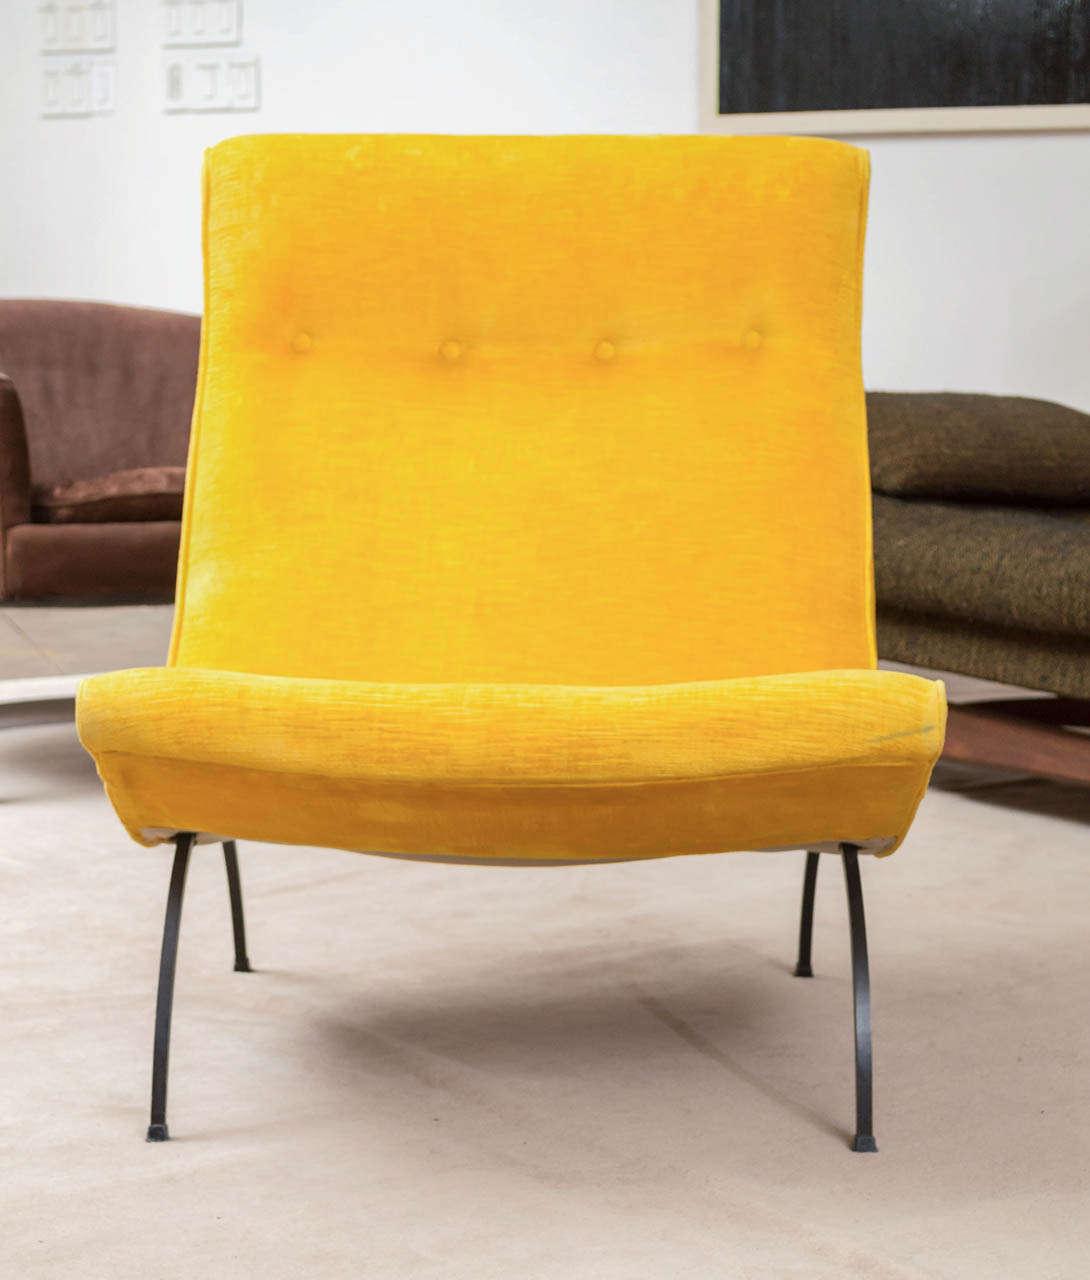 Milo Baughman - Scoop Chair 2